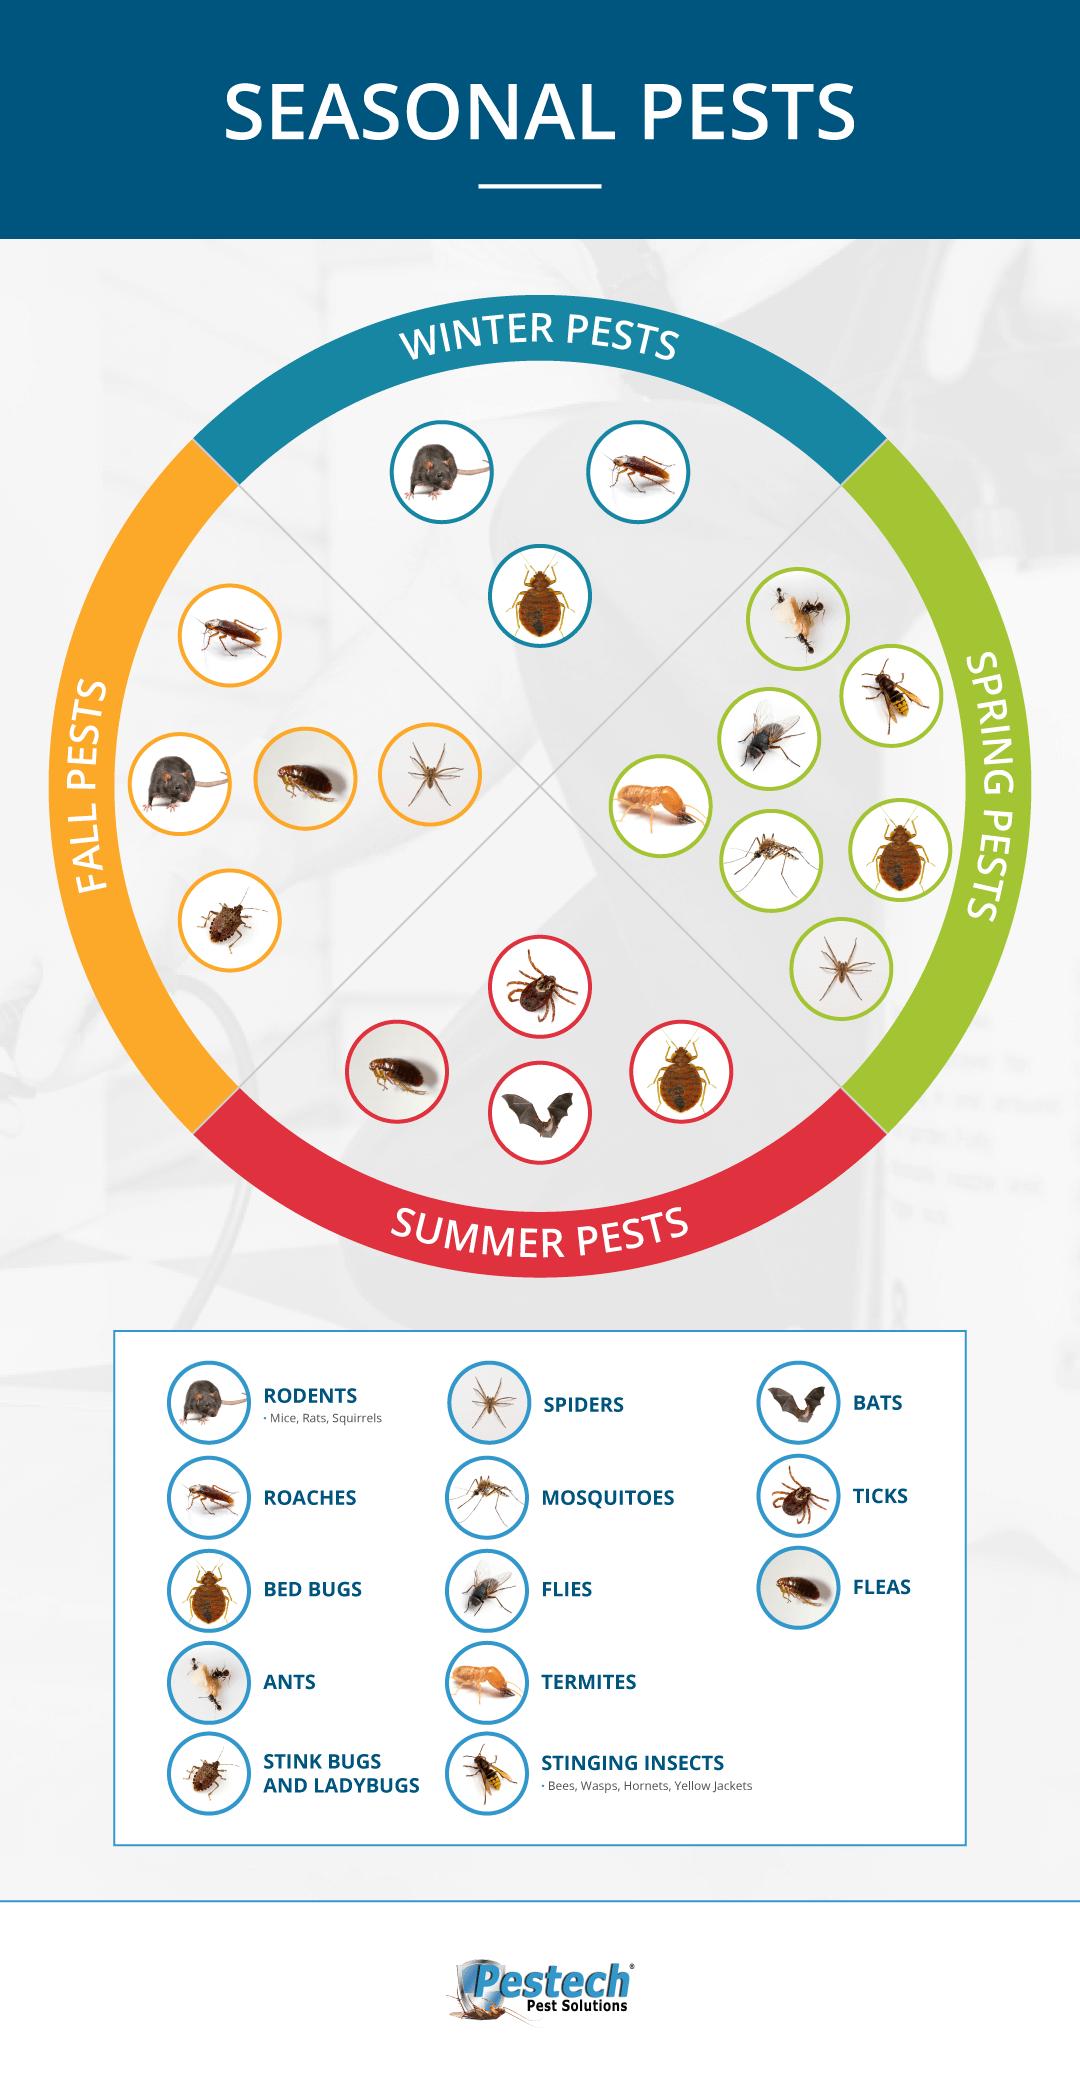 Pests in Each Season